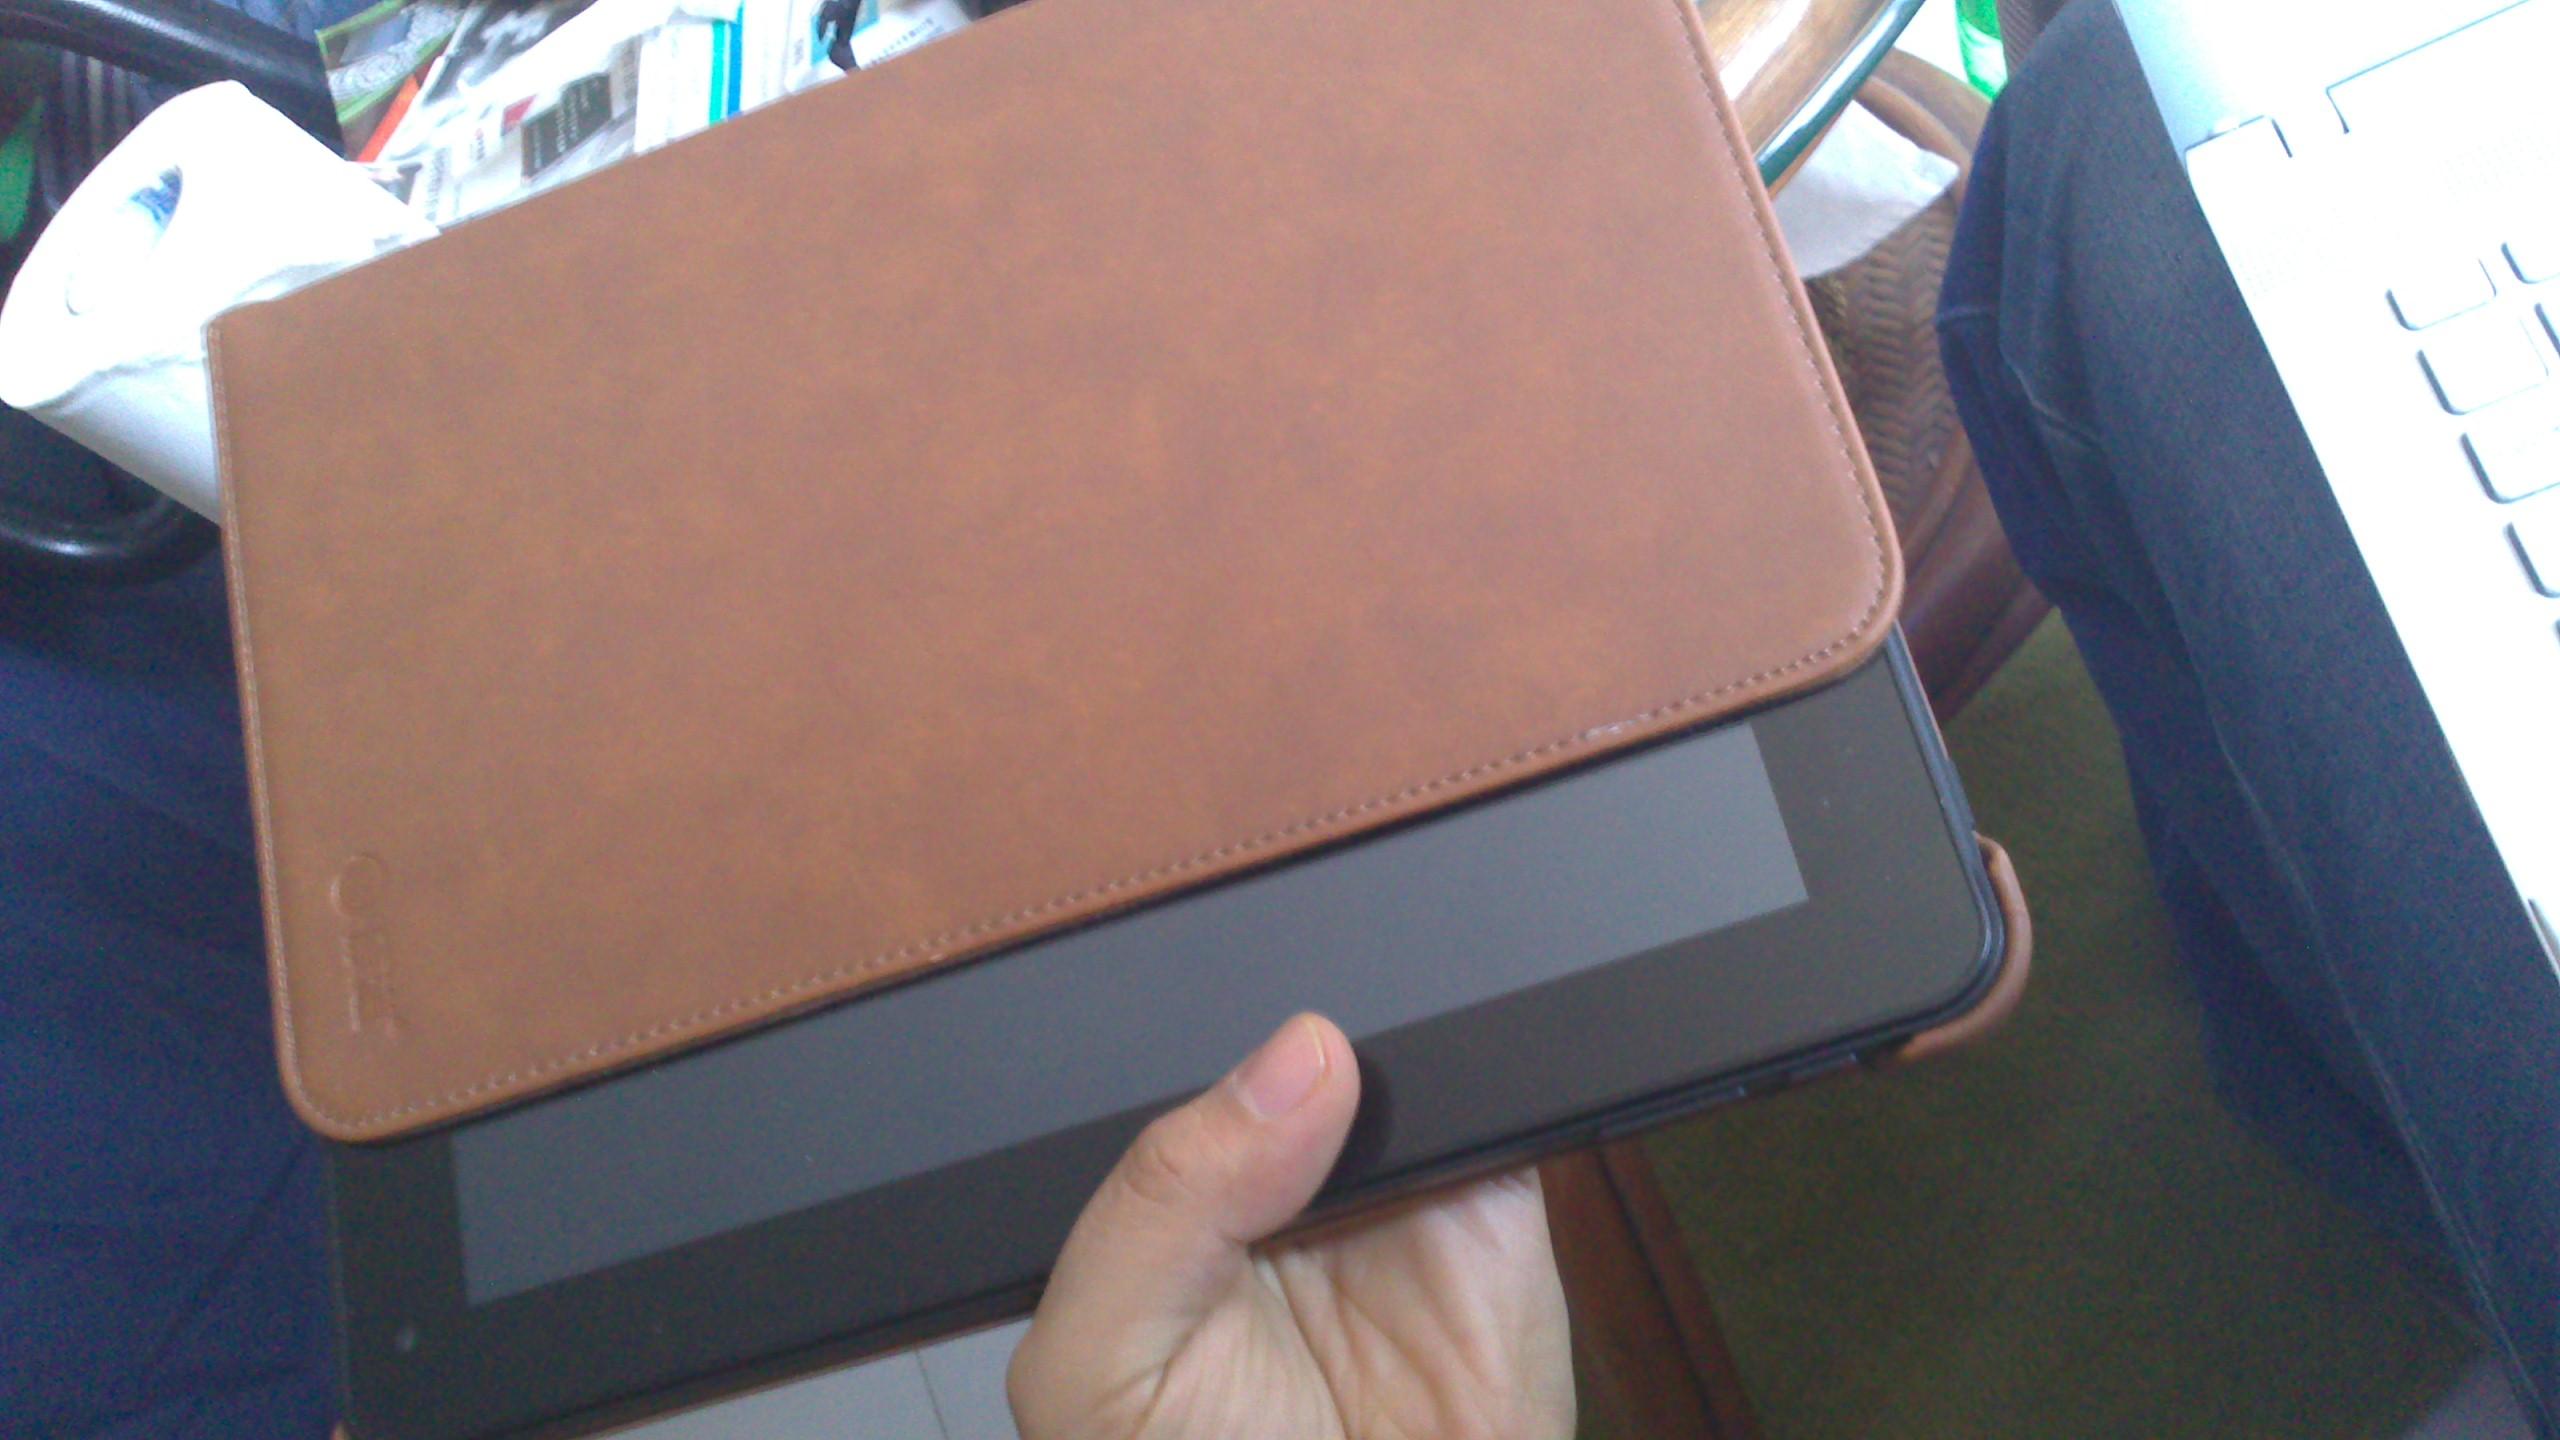 jordans and shoes 00248615 wholesale